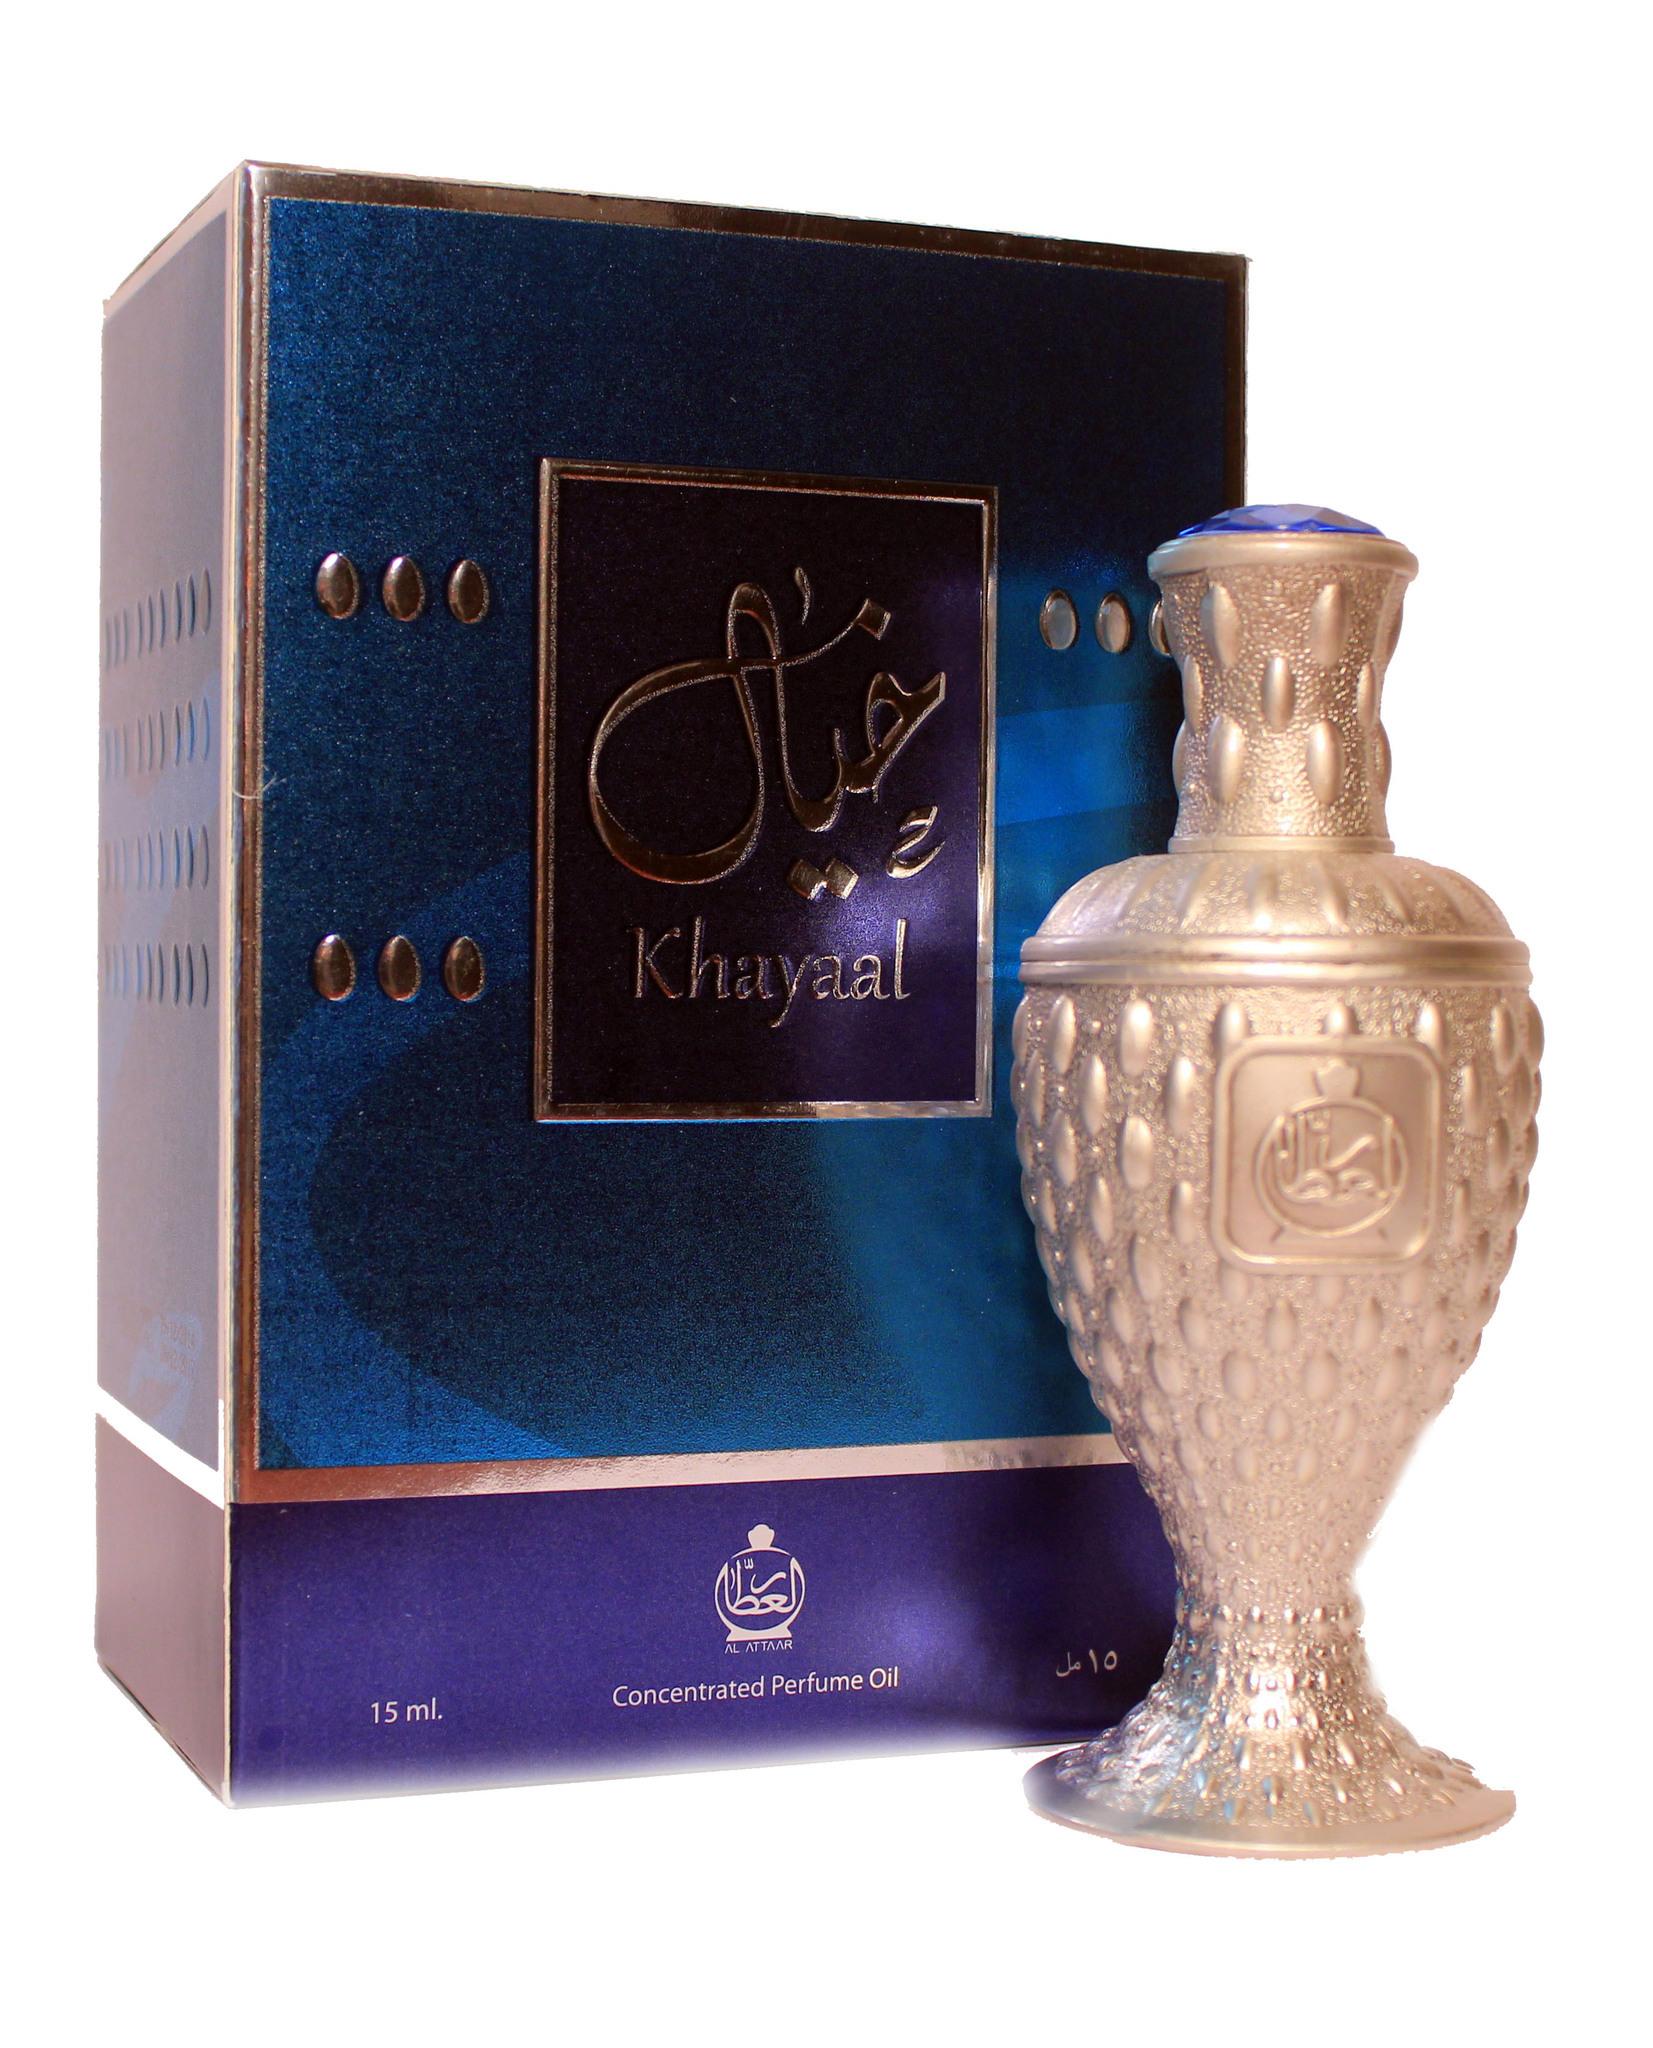 Пробник для  Khayaal Хаяль 1 мл арабские масляные духи от Афнан Парфюм Afnan Perfumes